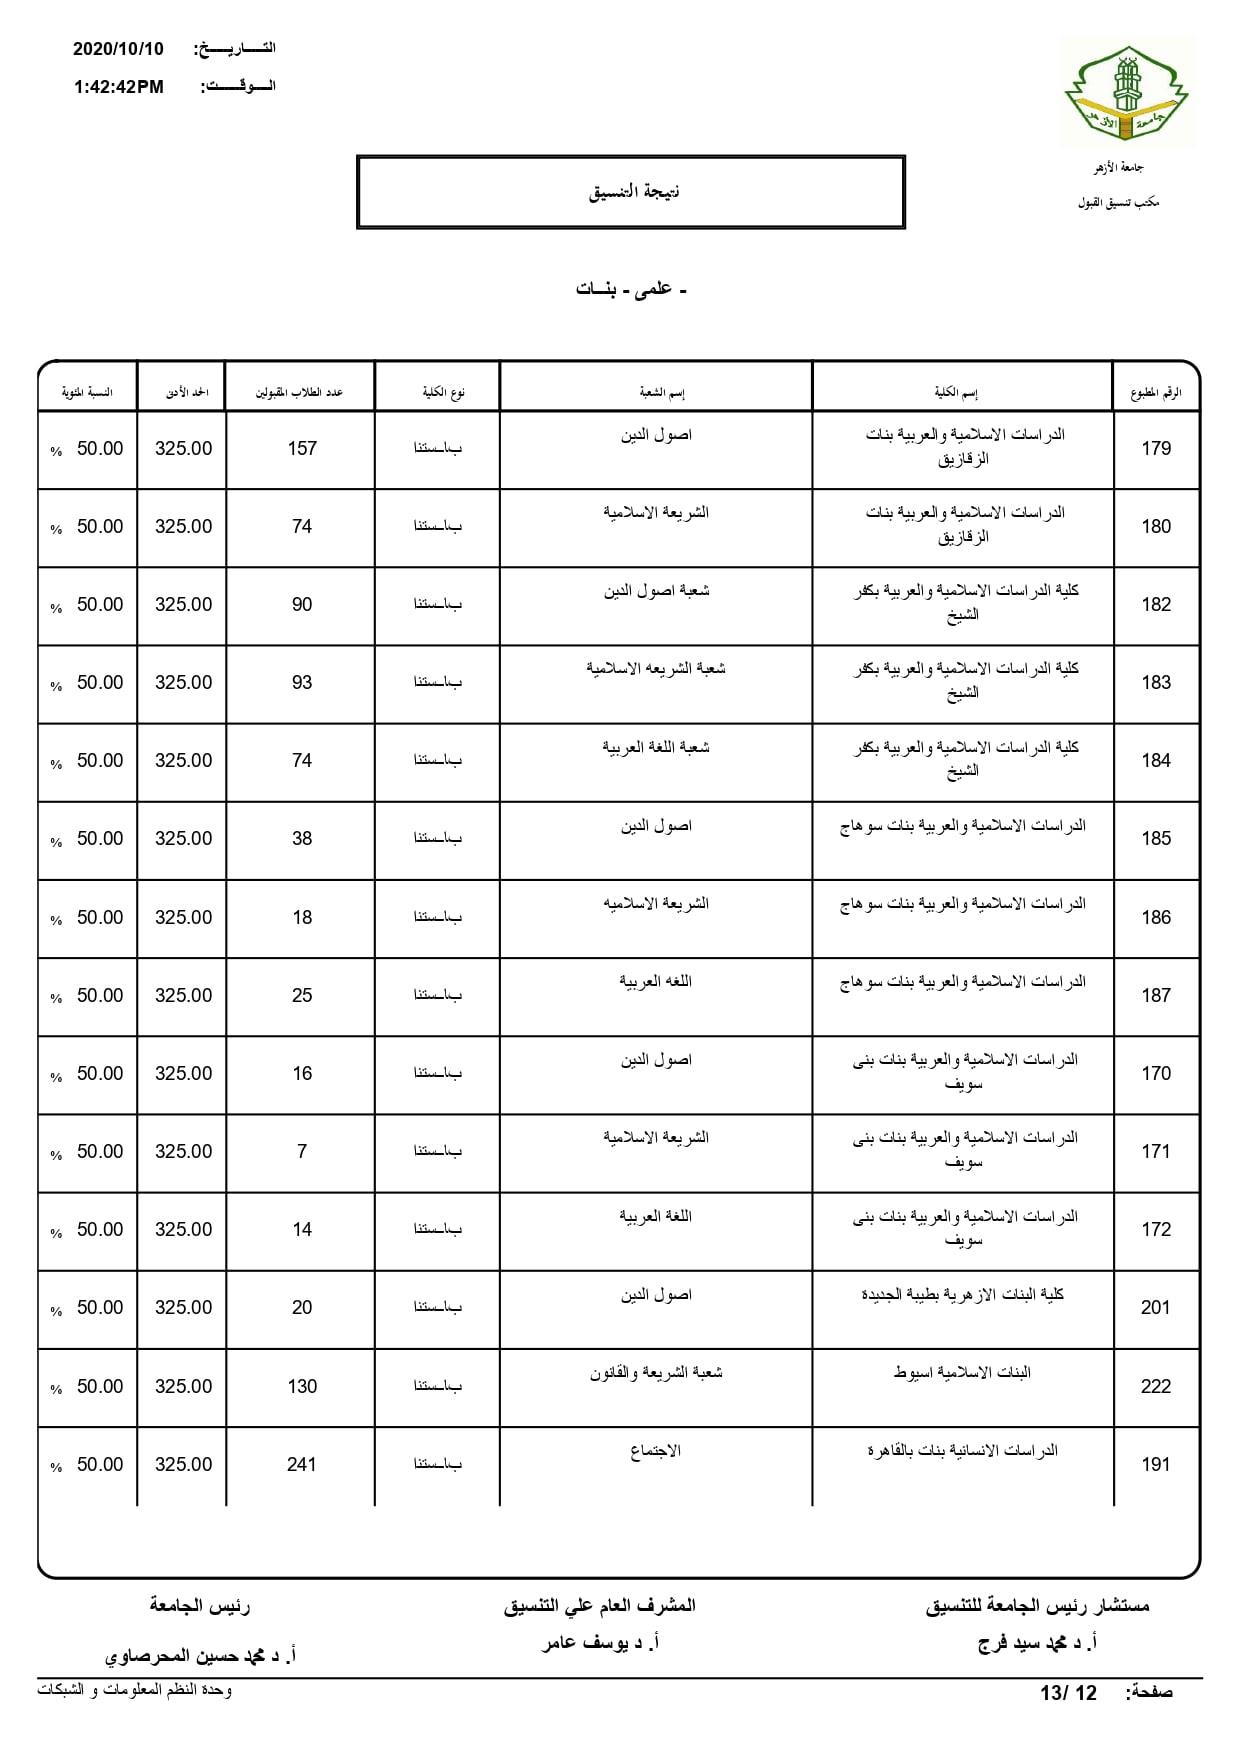 نتيجة تنسيق كليات جامعة الأزهر لعام 2020 بالكامل 20201010203523303